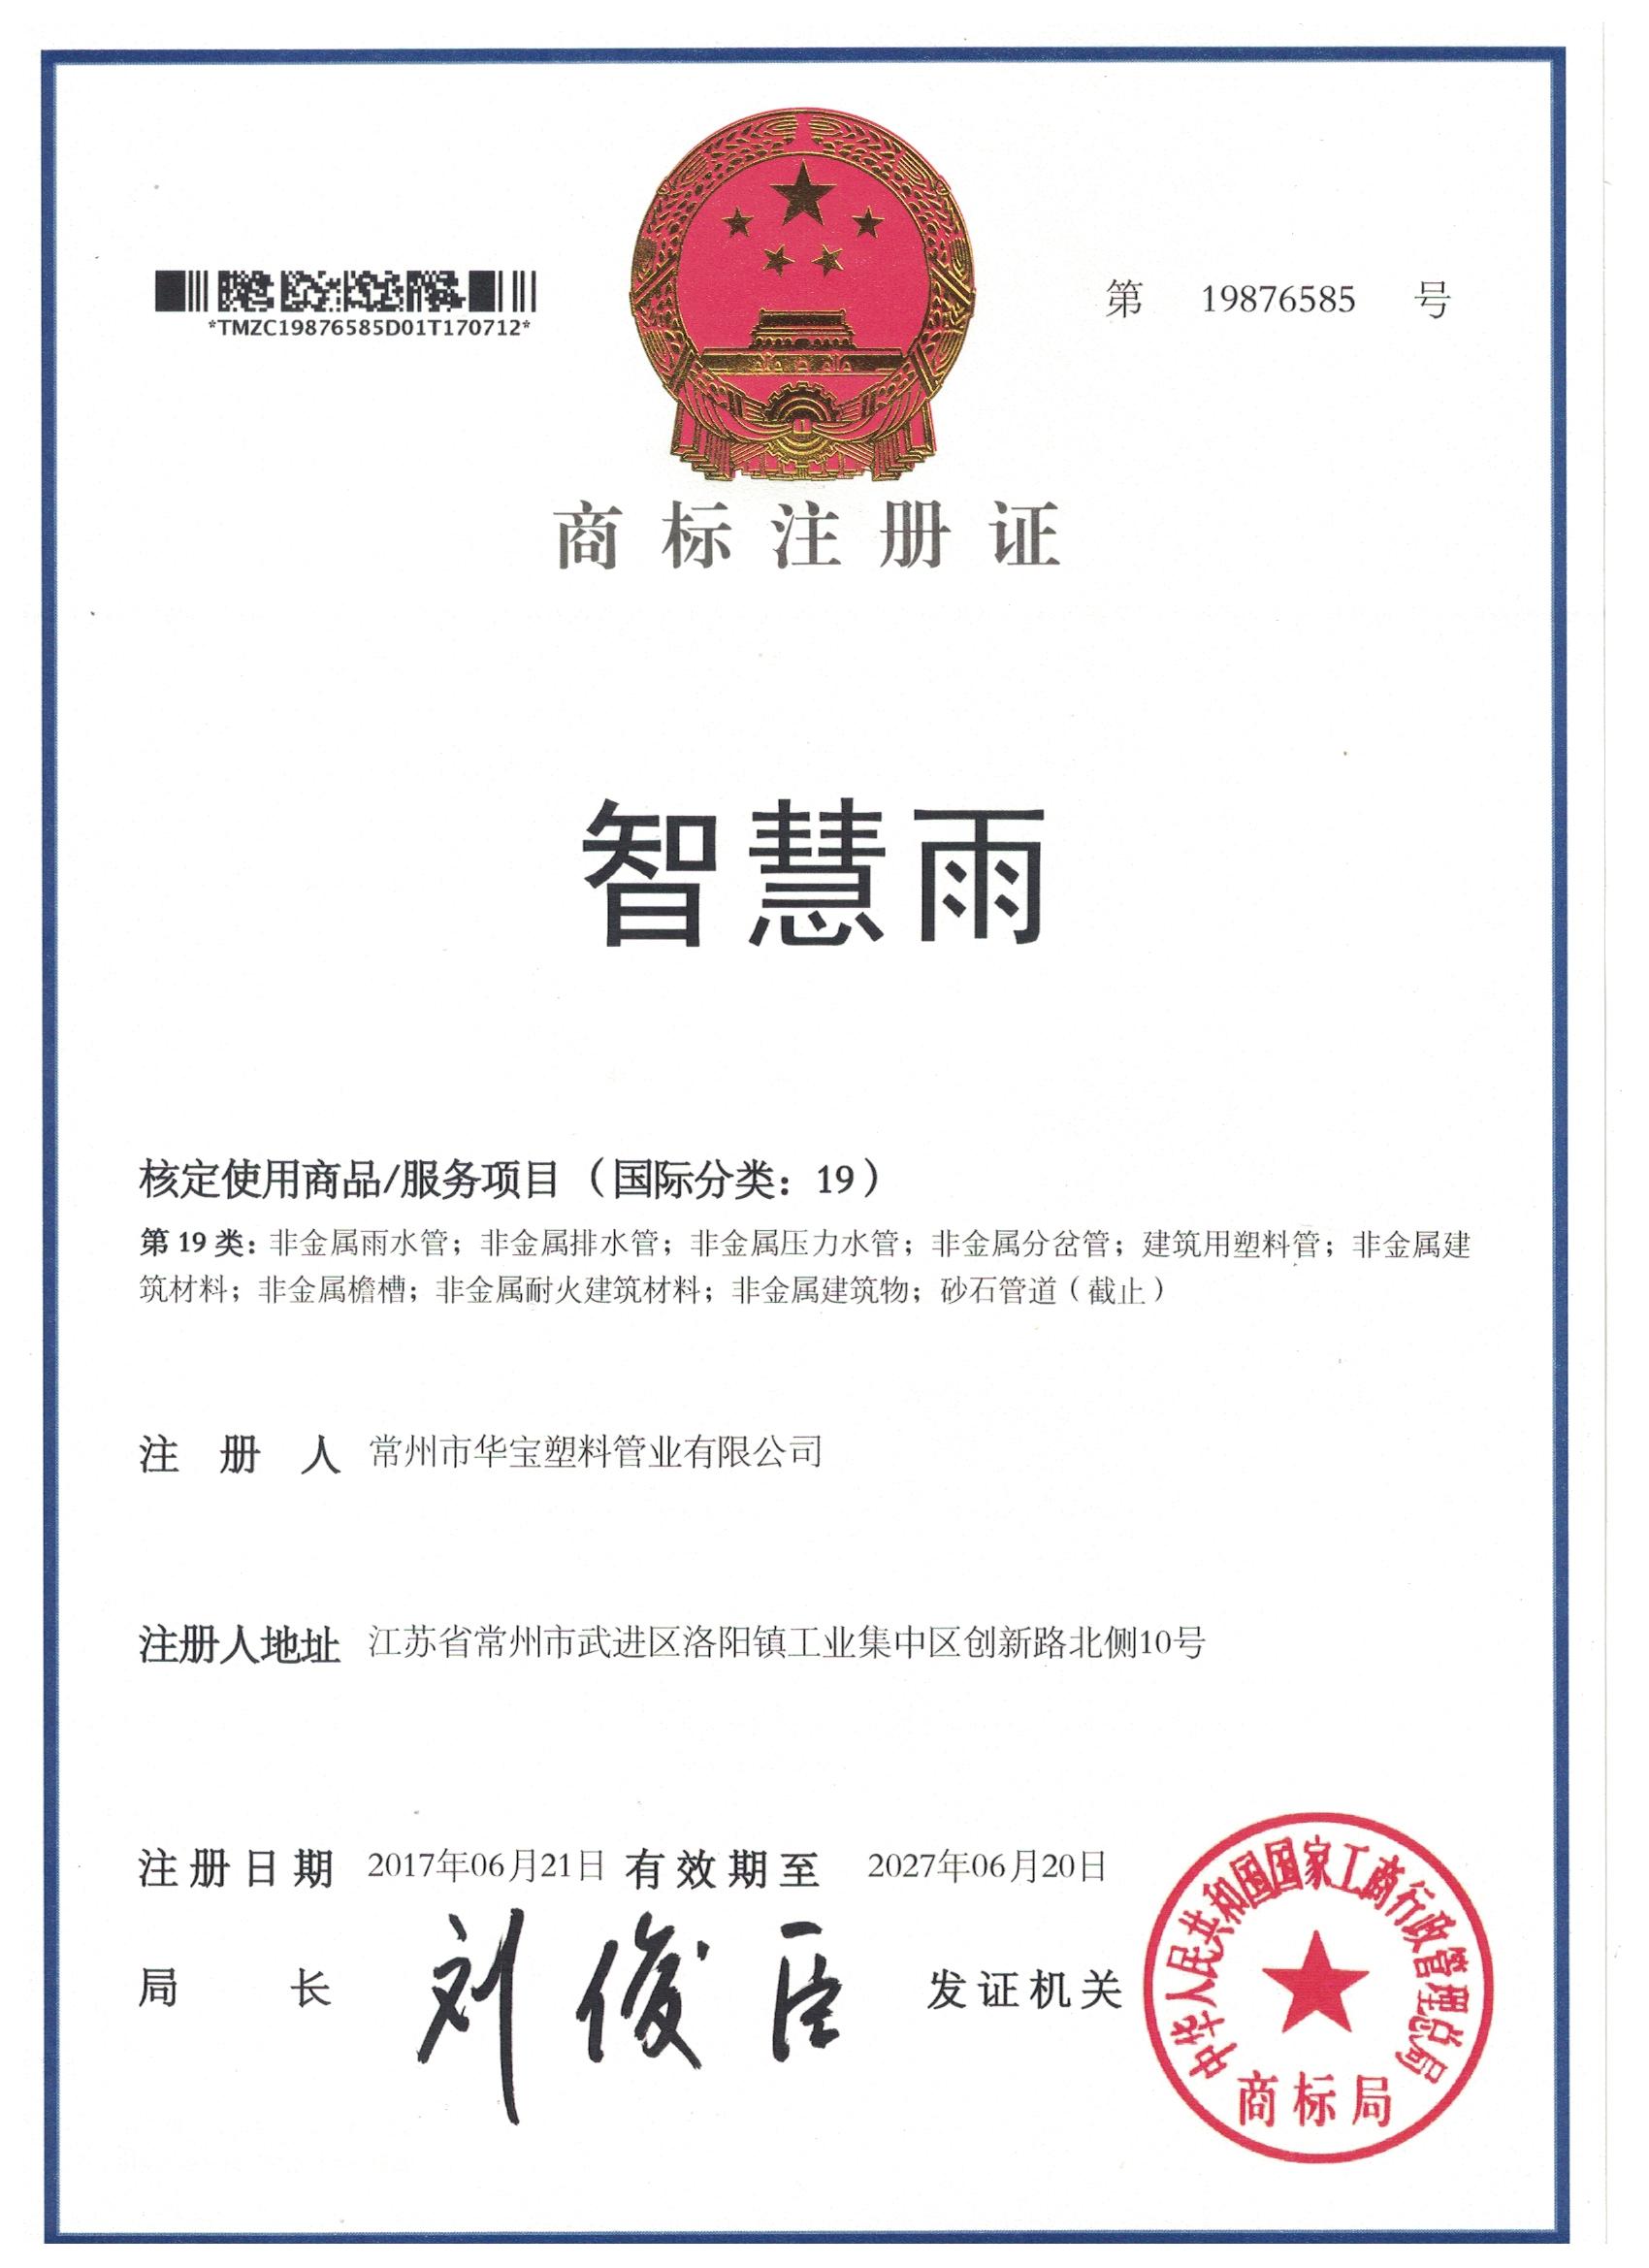 智慧雨商标注册证